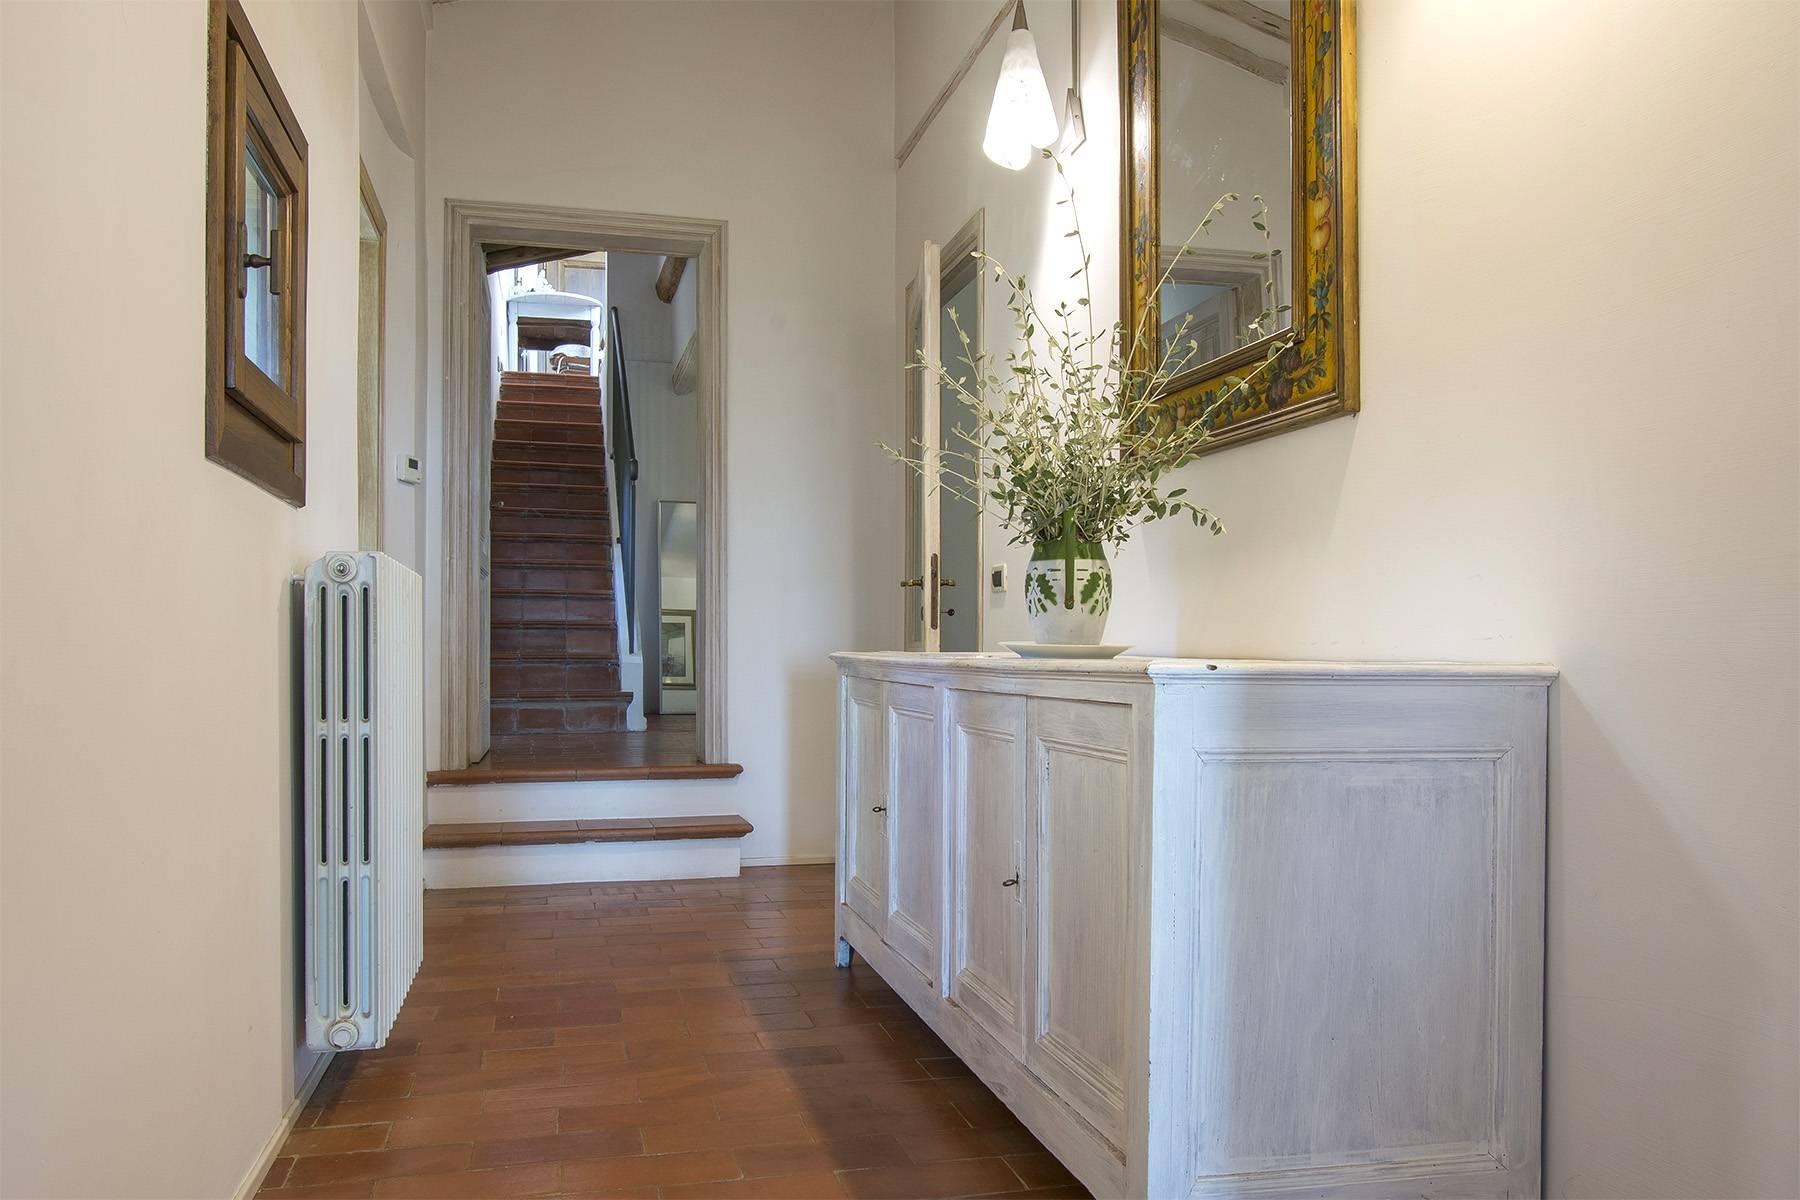 Villa in Vendita a Montecatini-Terme: 5 locali, 250 mq - Foto 19